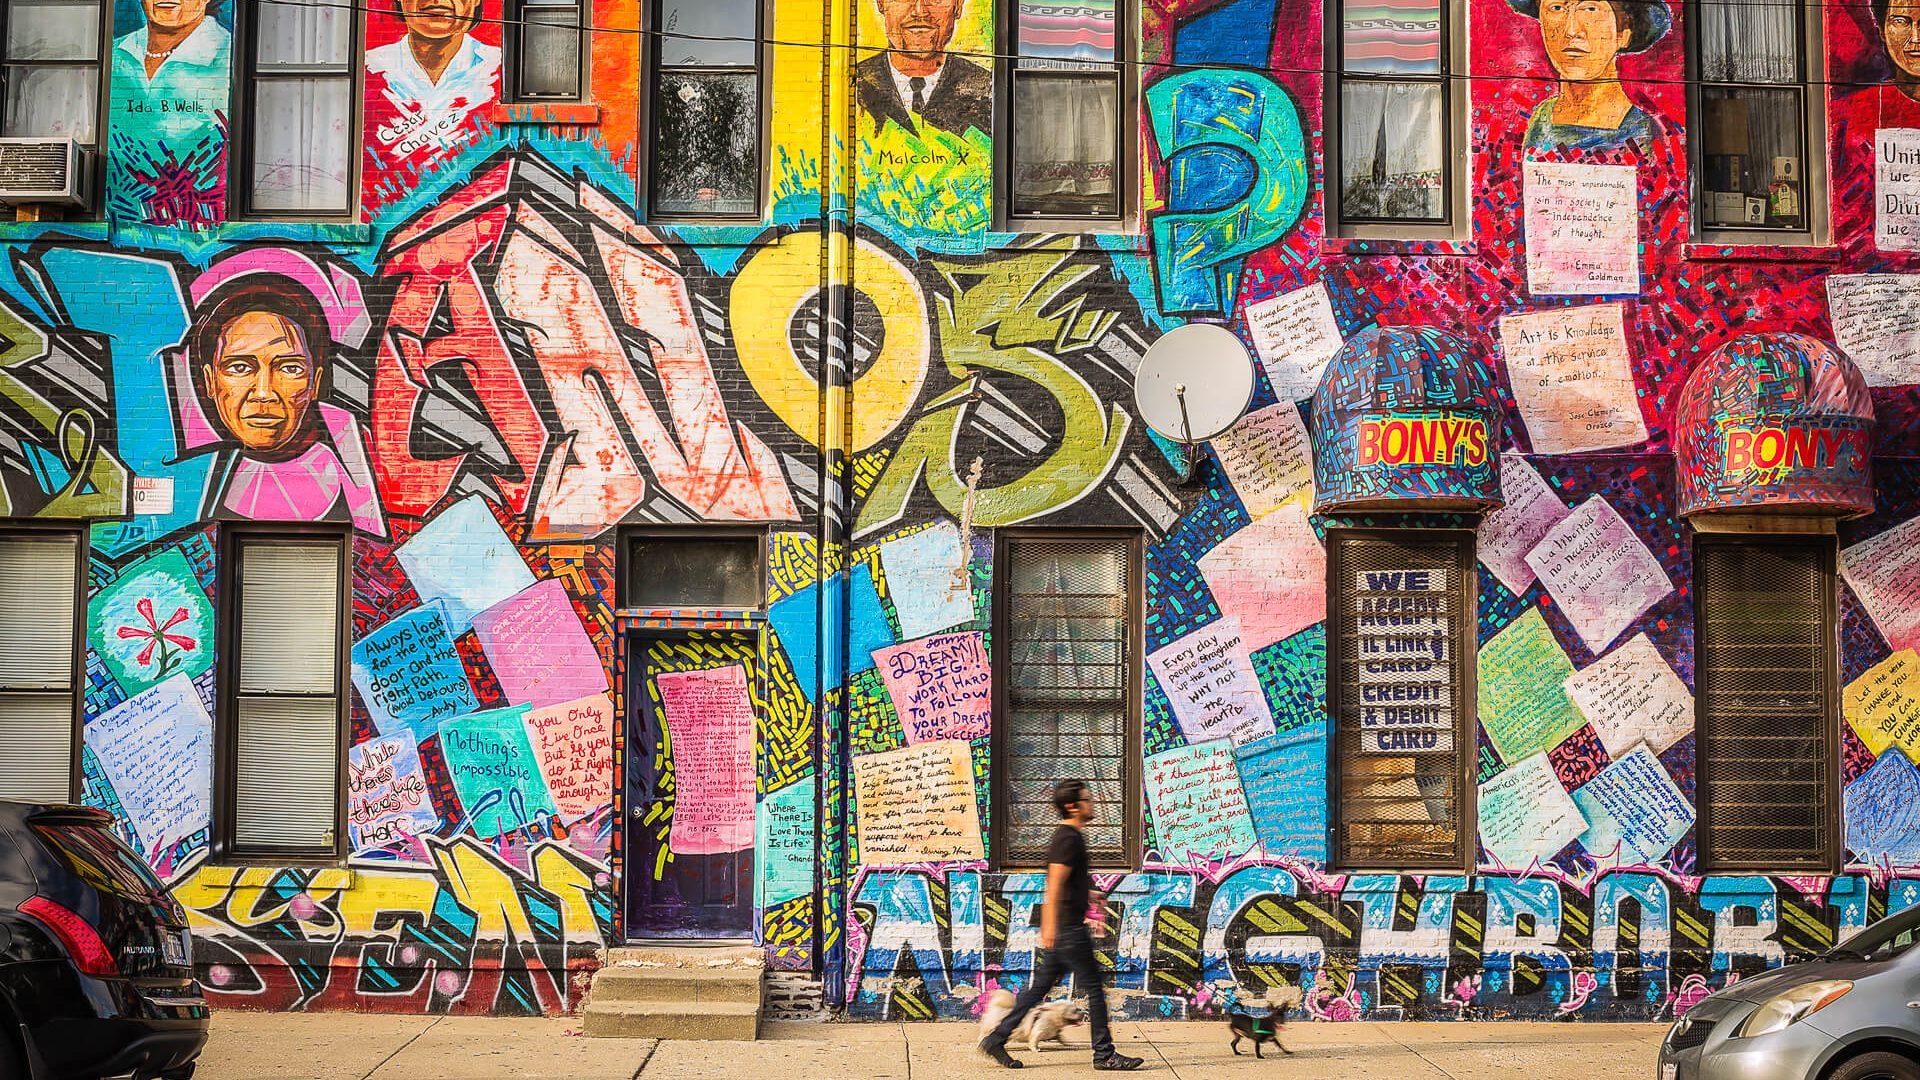 Chicago street mural